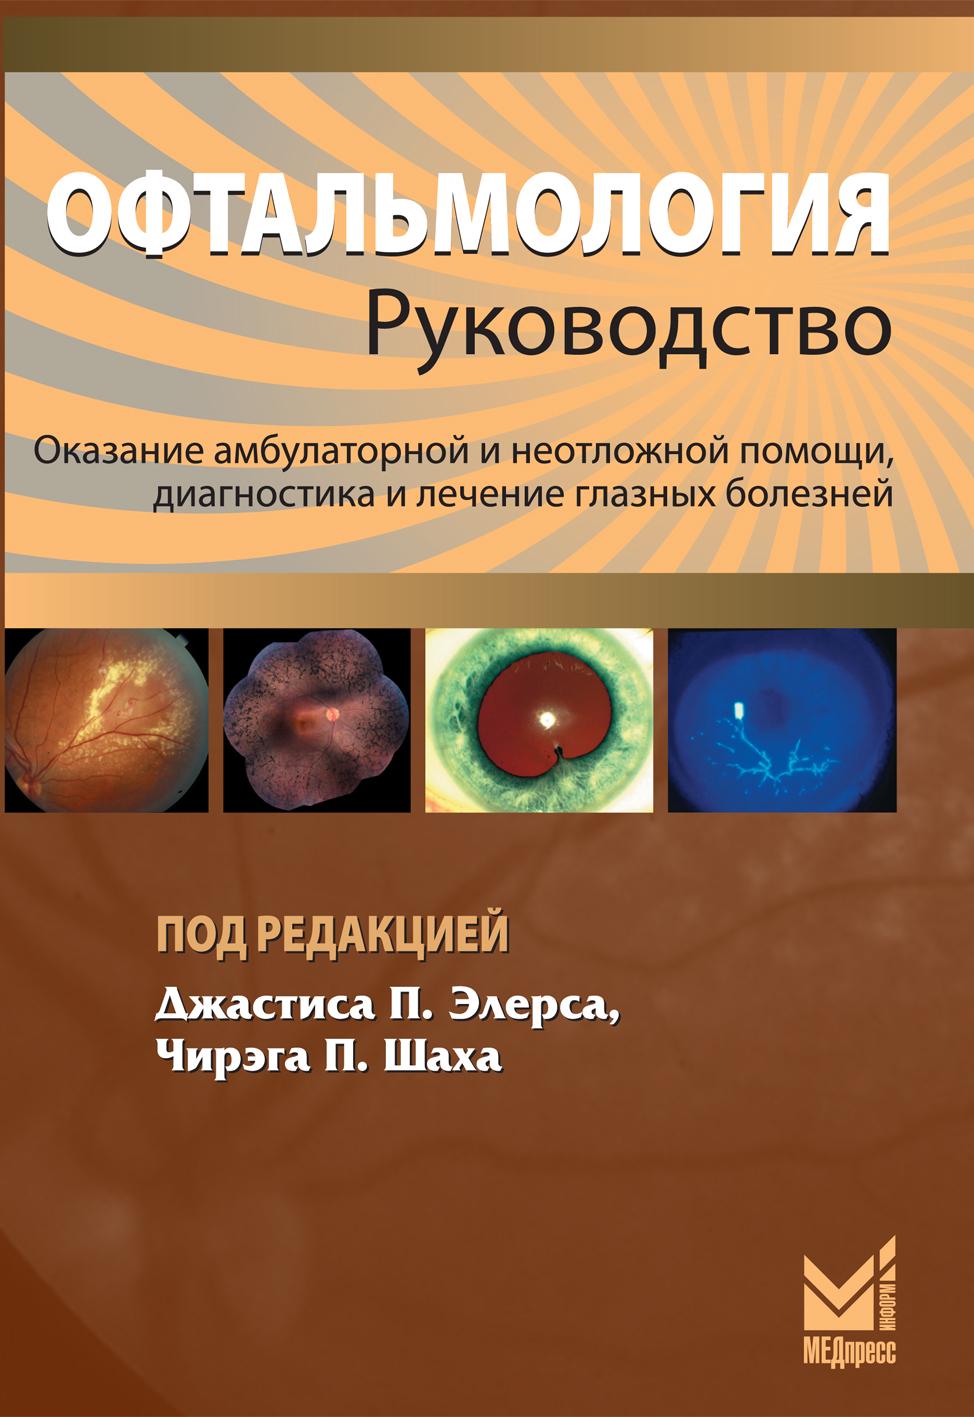 Скачать бесплатно книги по офтальмологии